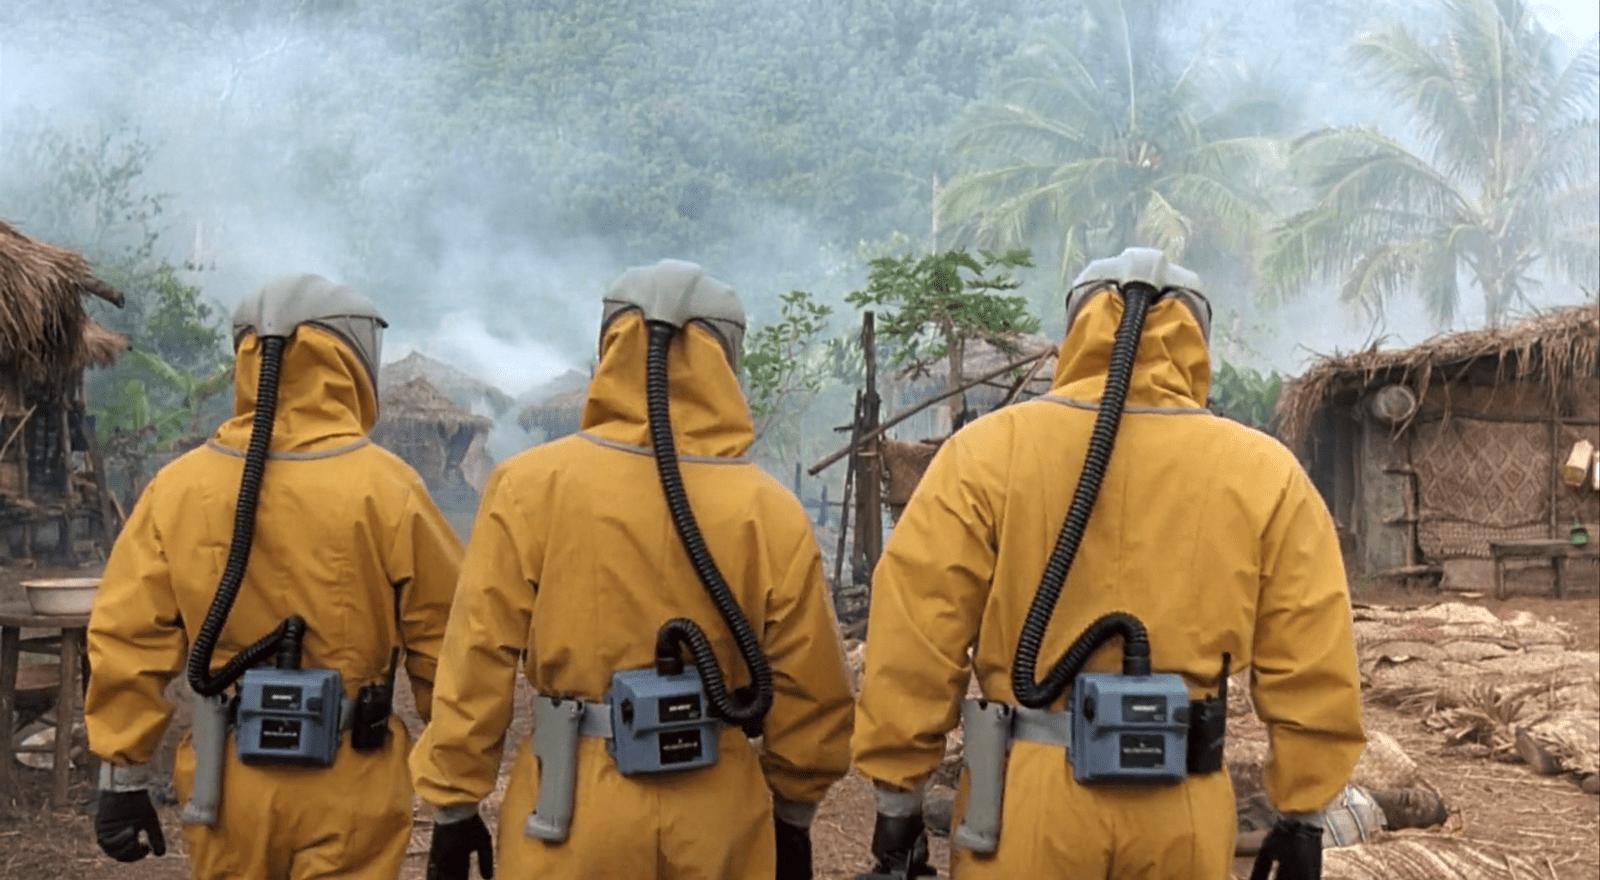 In Zaire tötet eine Ebola-Variante alle Bewohner*innen eines Dorfes. Filmstill aus Outbreak (Petersen 1995).